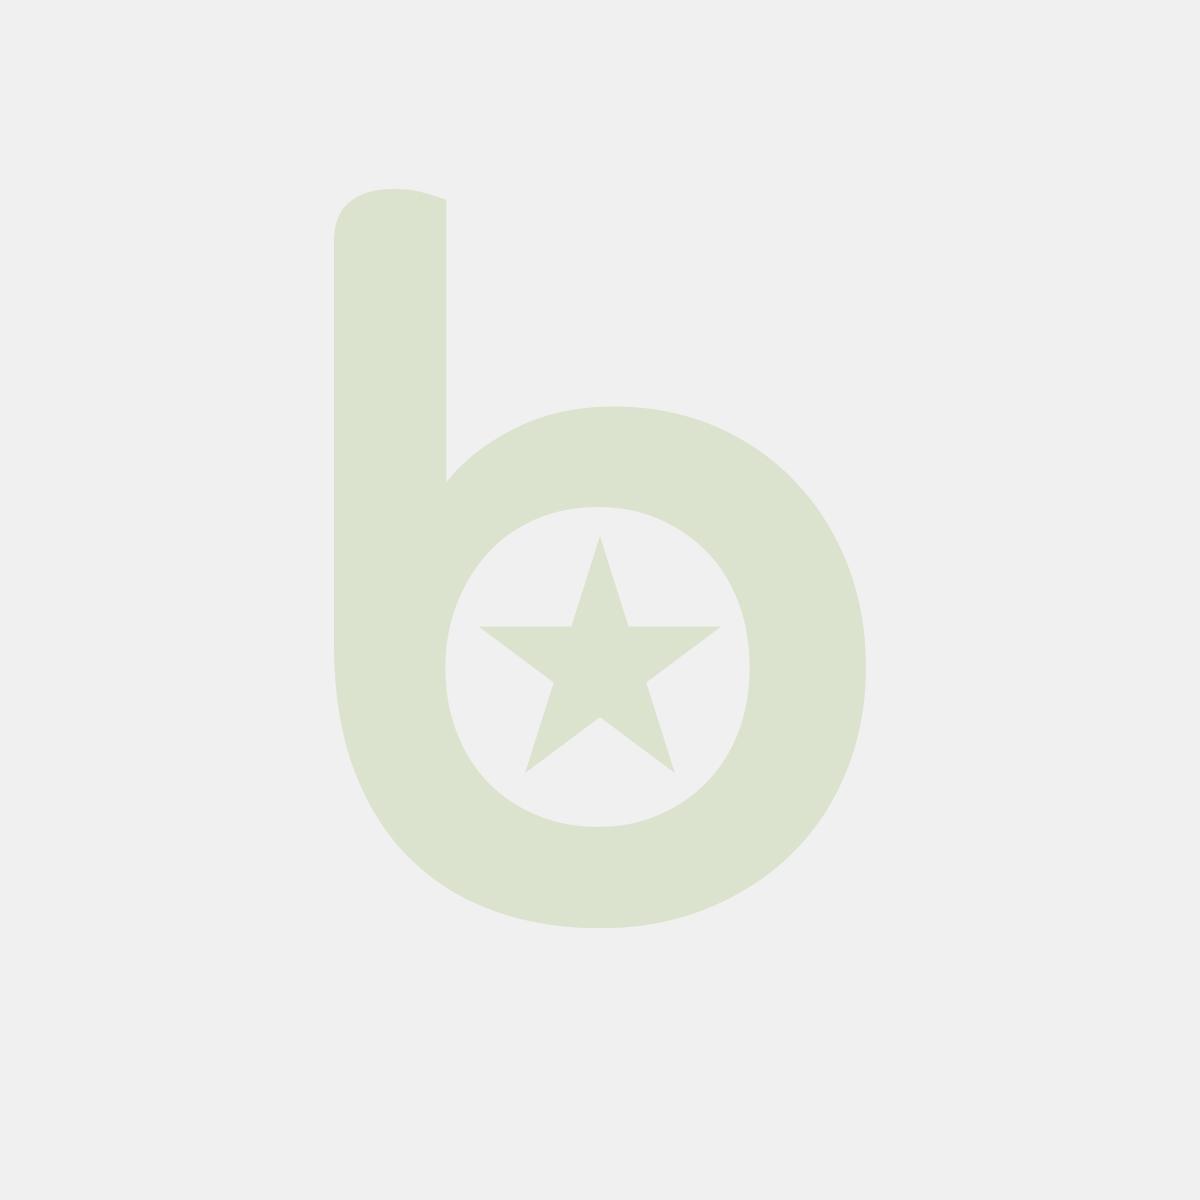 Koszyk z polirattanu GN1/3 32,5x17,5x10 naturalny